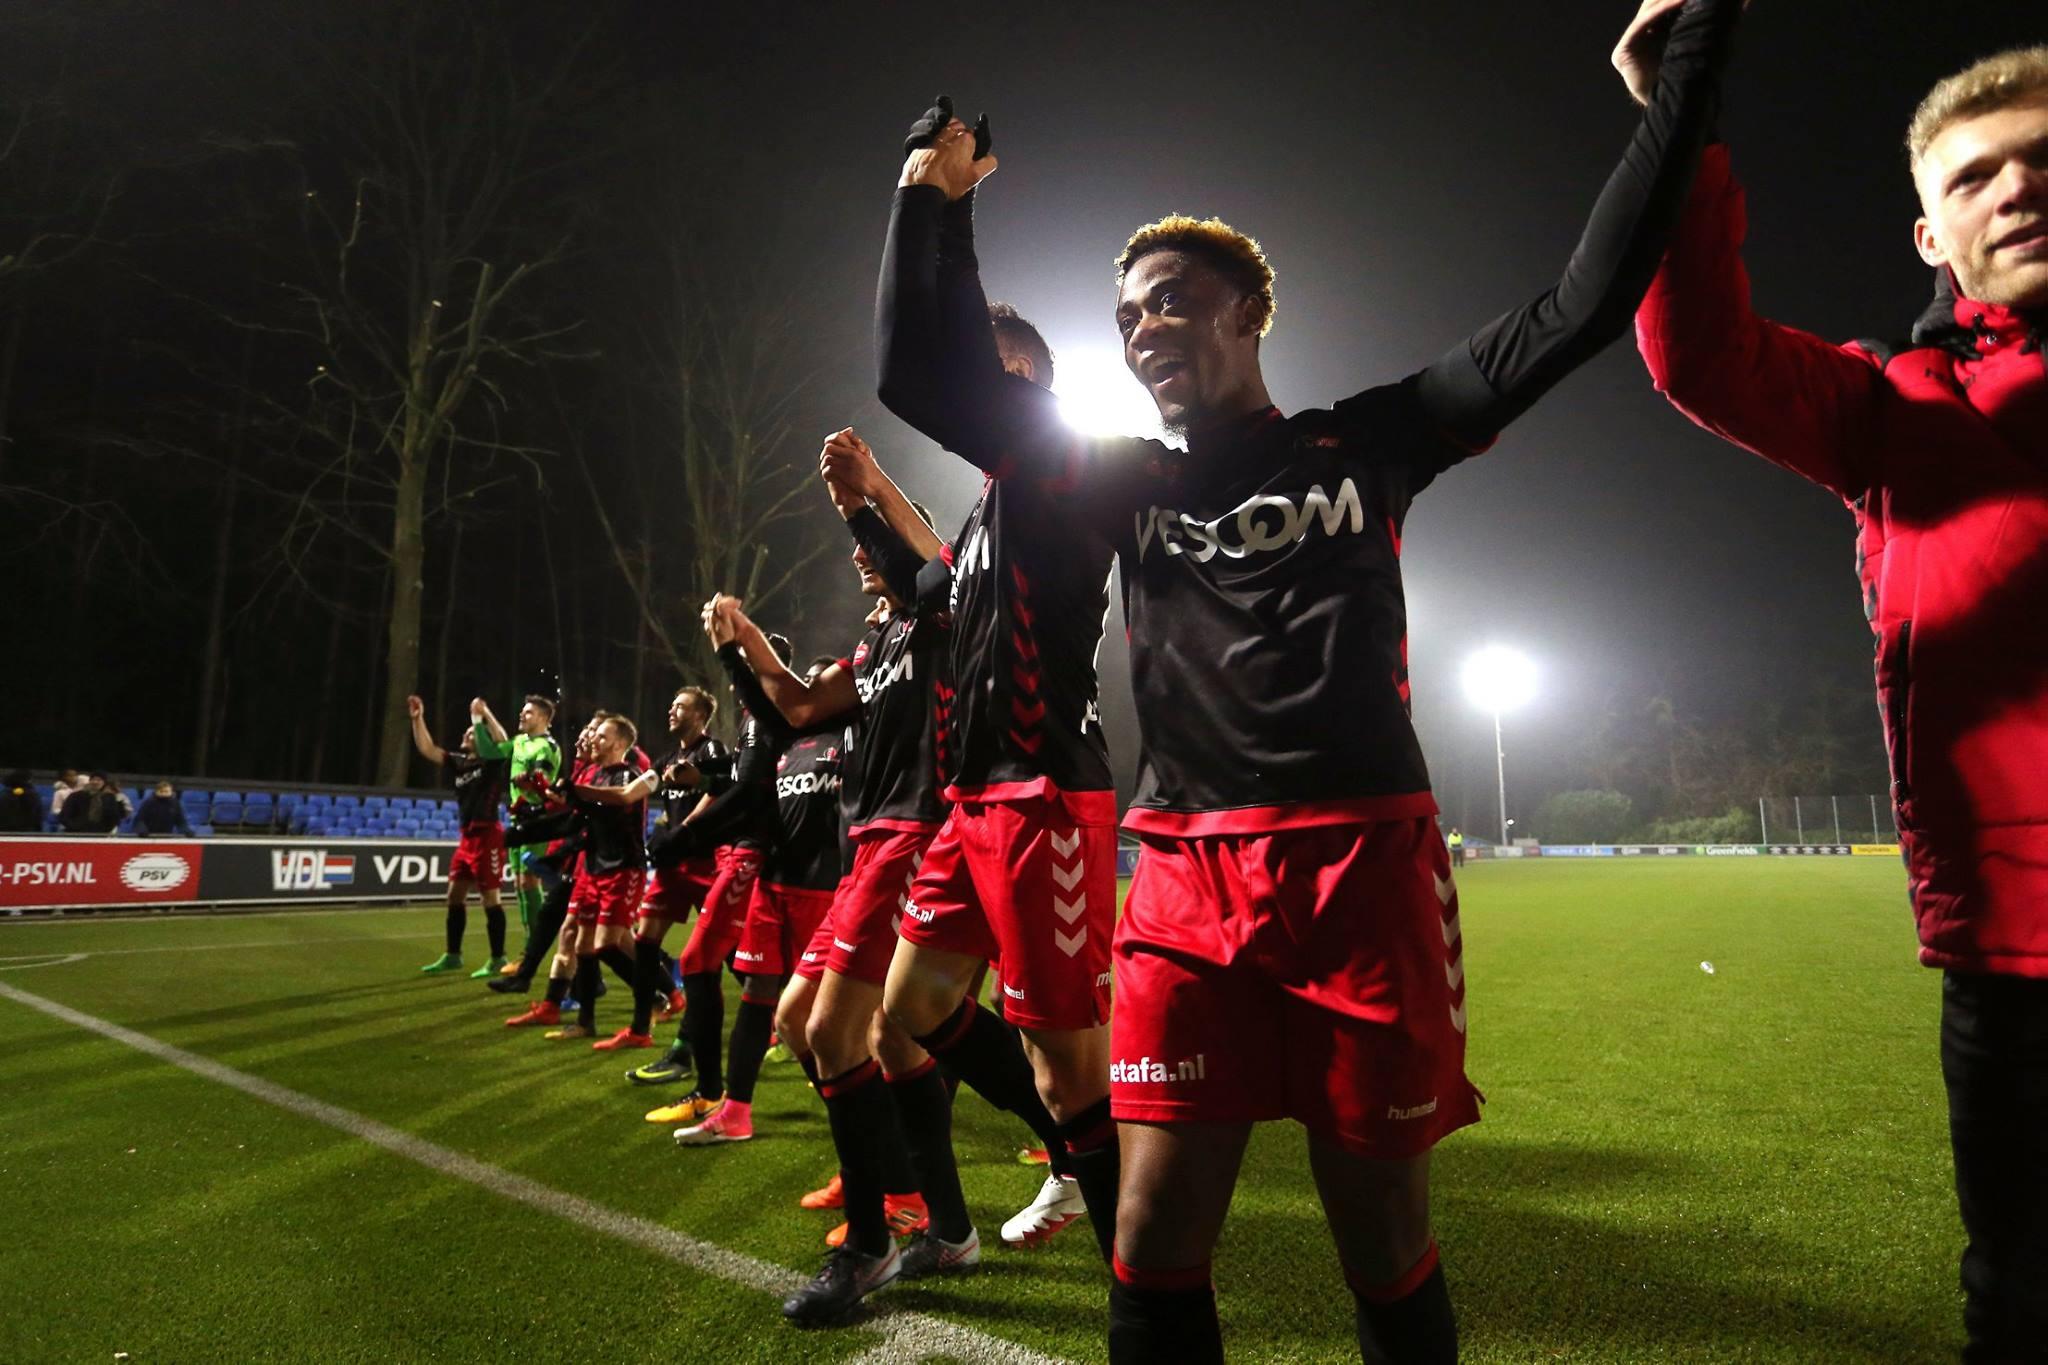 FC Emmen-Helmond 16 marzo, analisi e pronostico